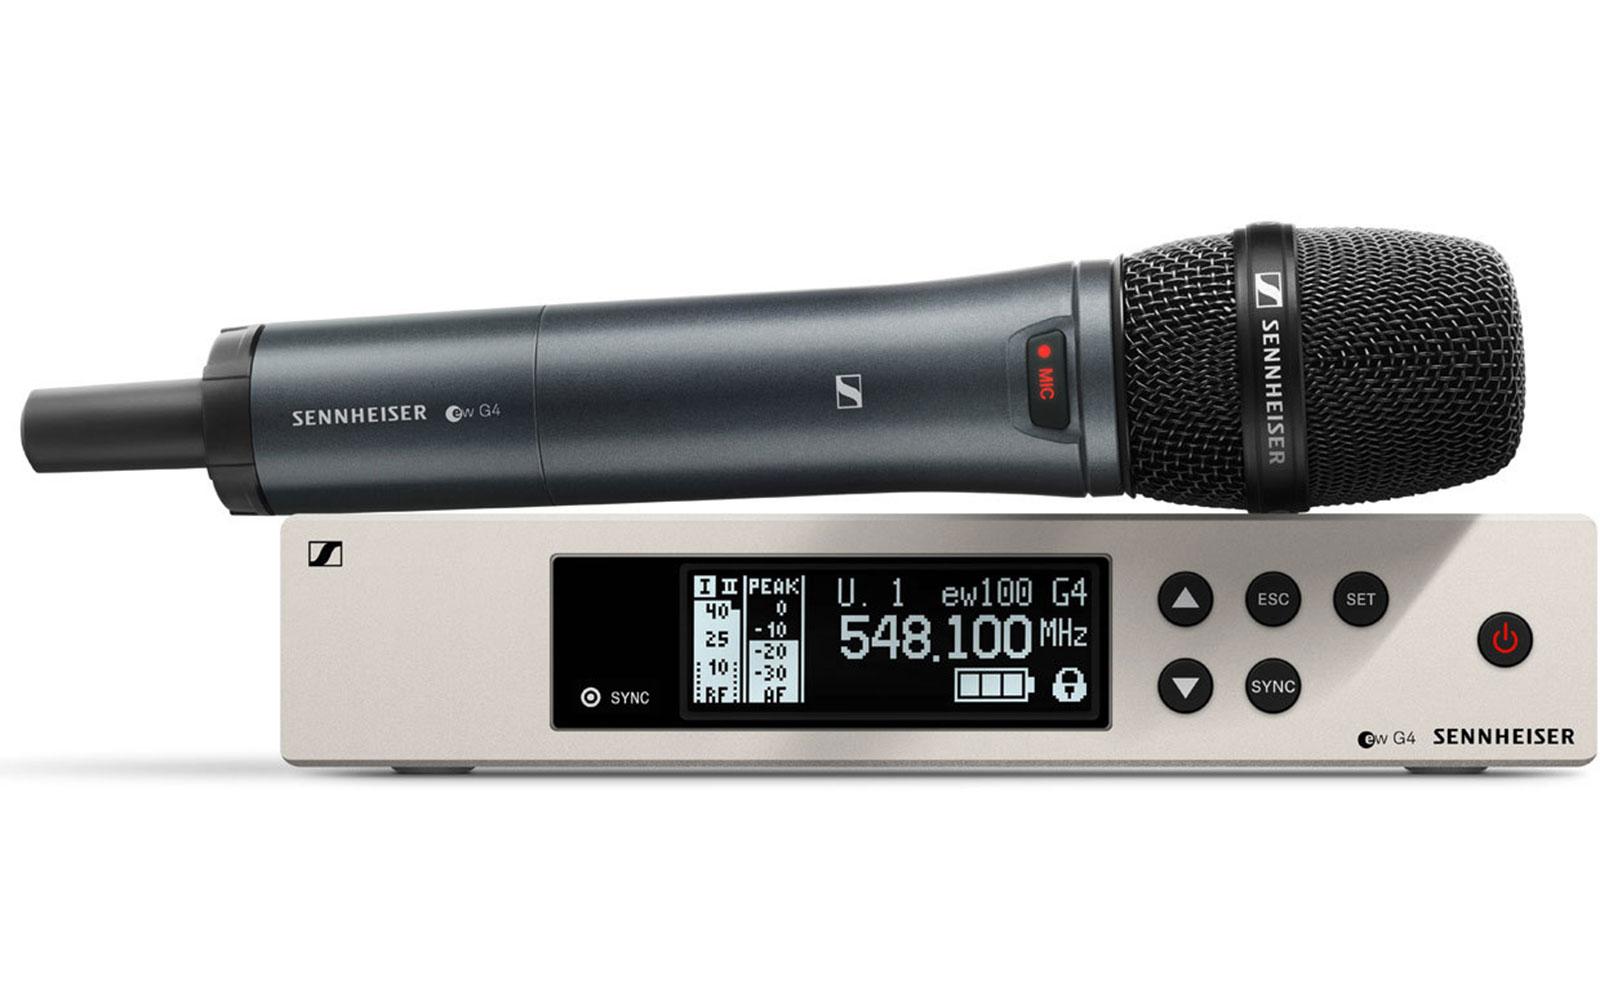 sennheiser-ew-100-g4-935-s-a-frequenz-516-558-mhz-